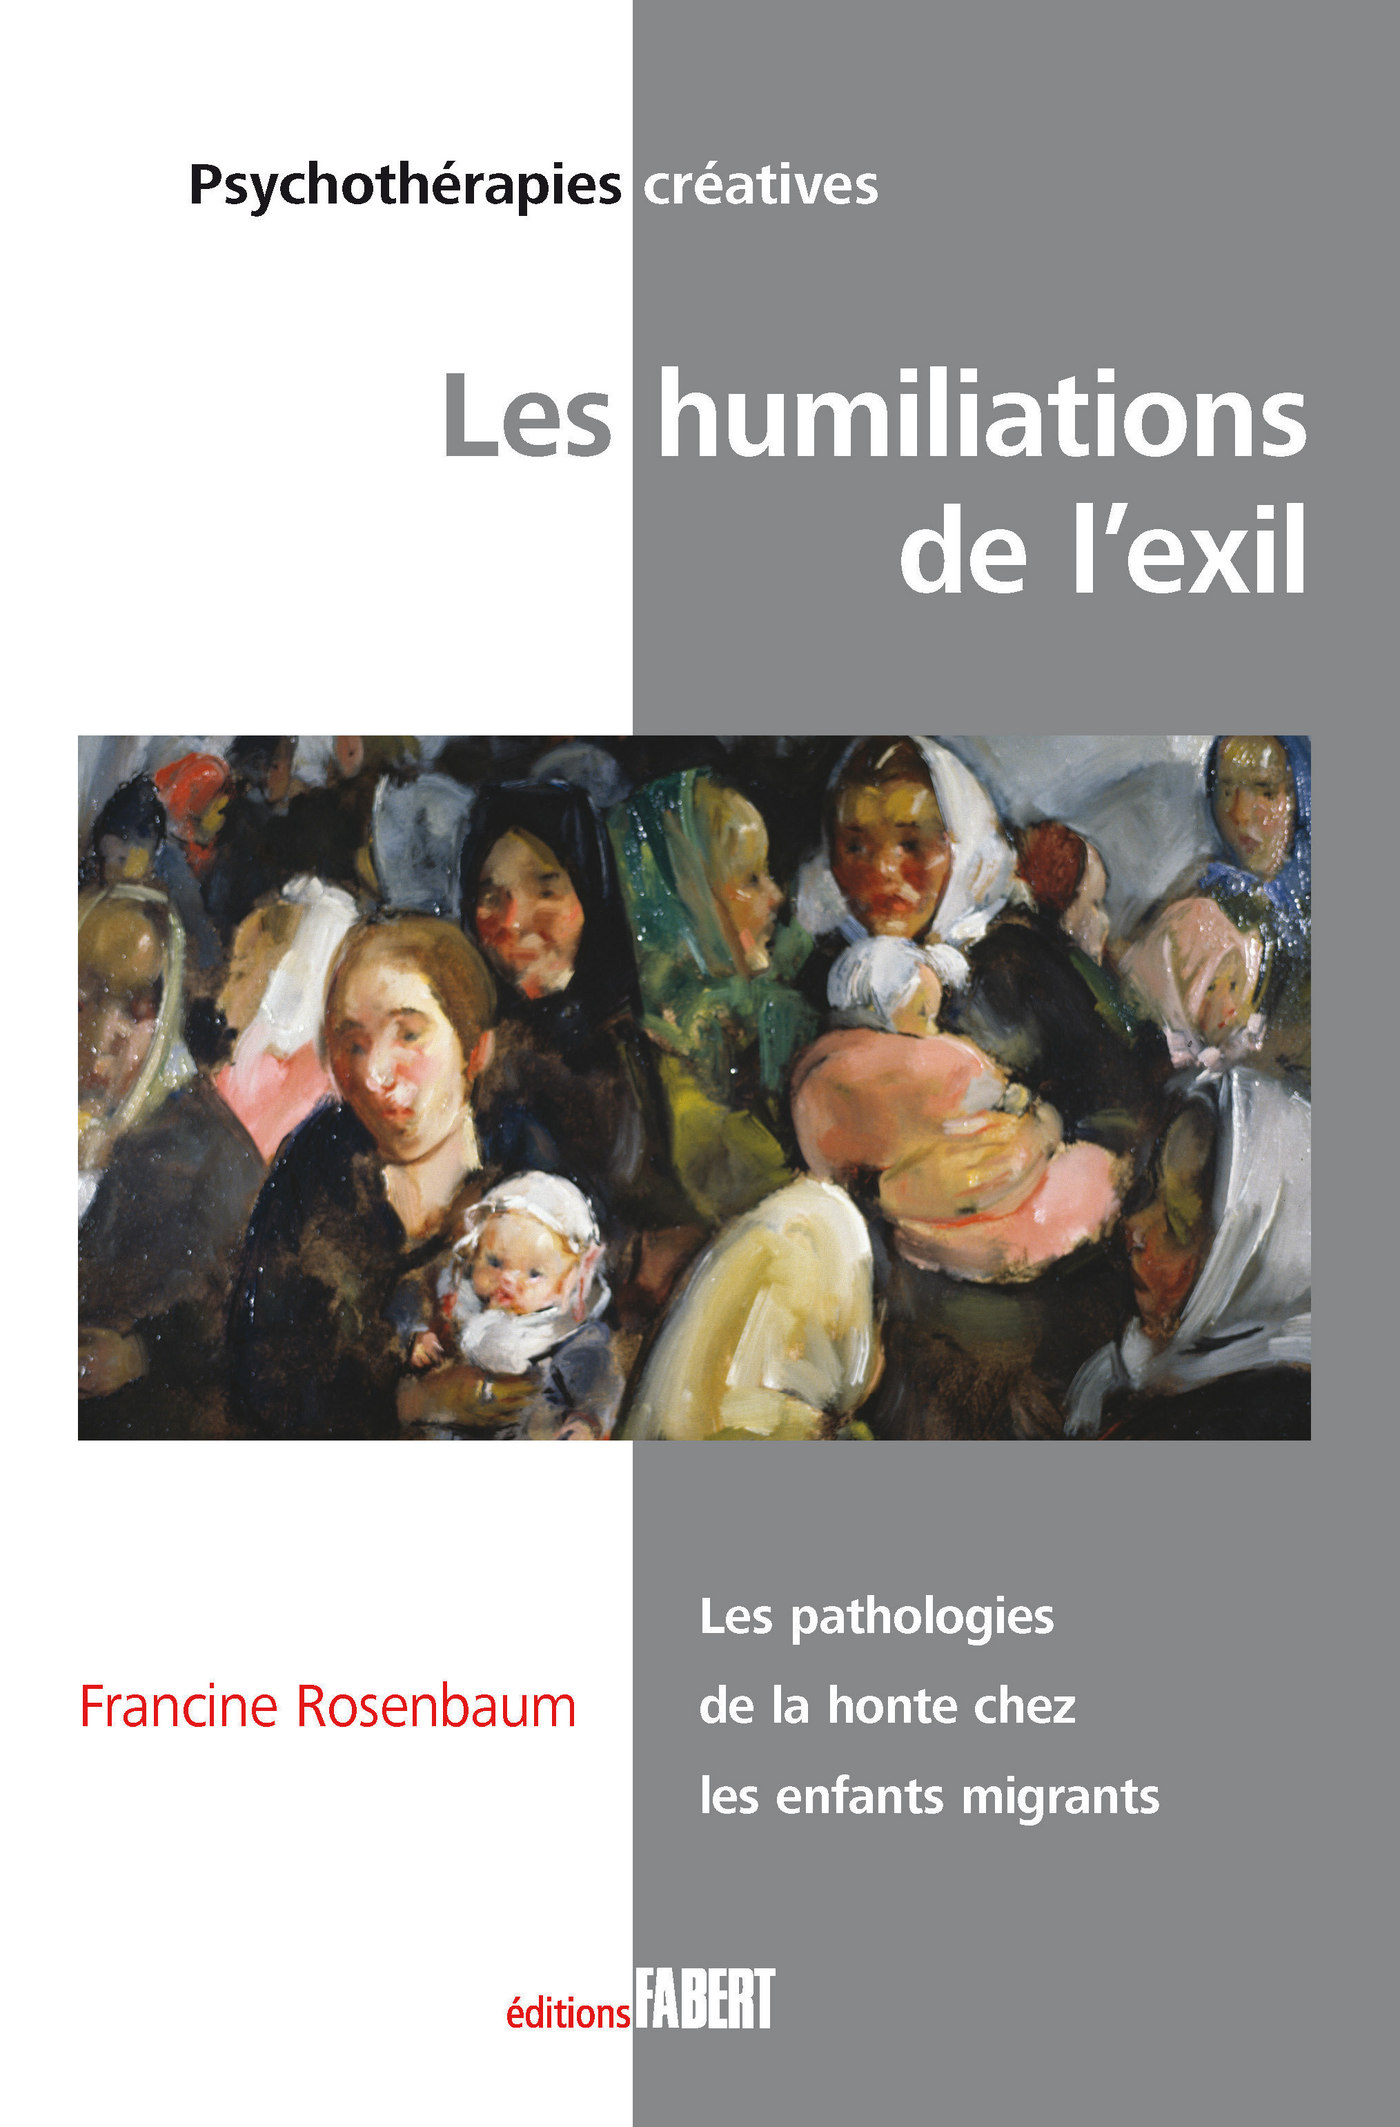 Les Humiliations de l'exil